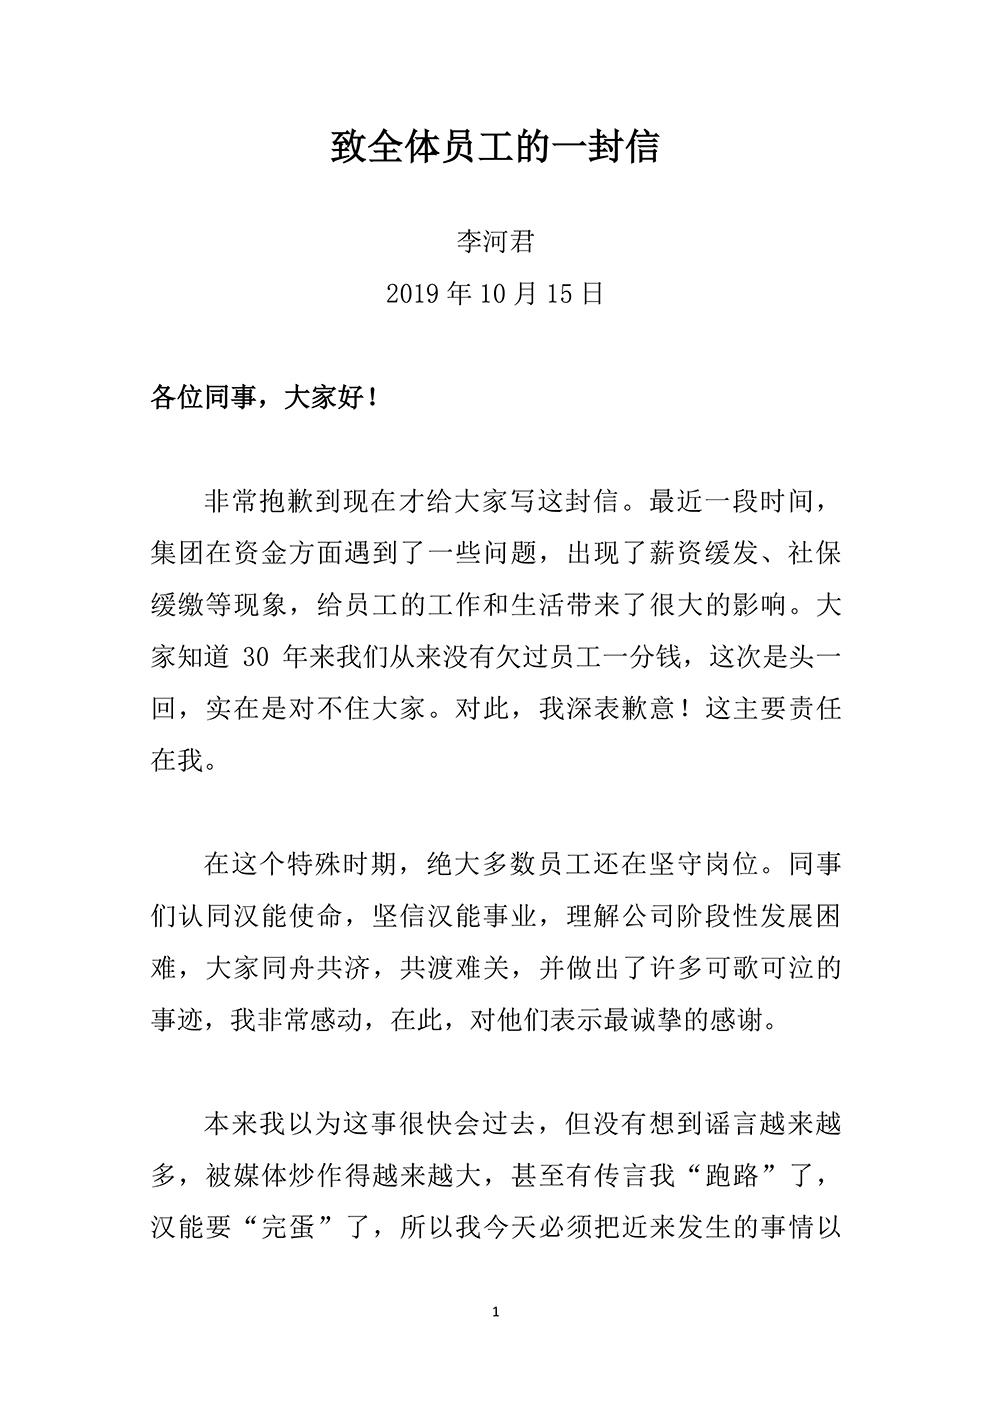 http://www.7loves.org/jiaoyu/1183208.html